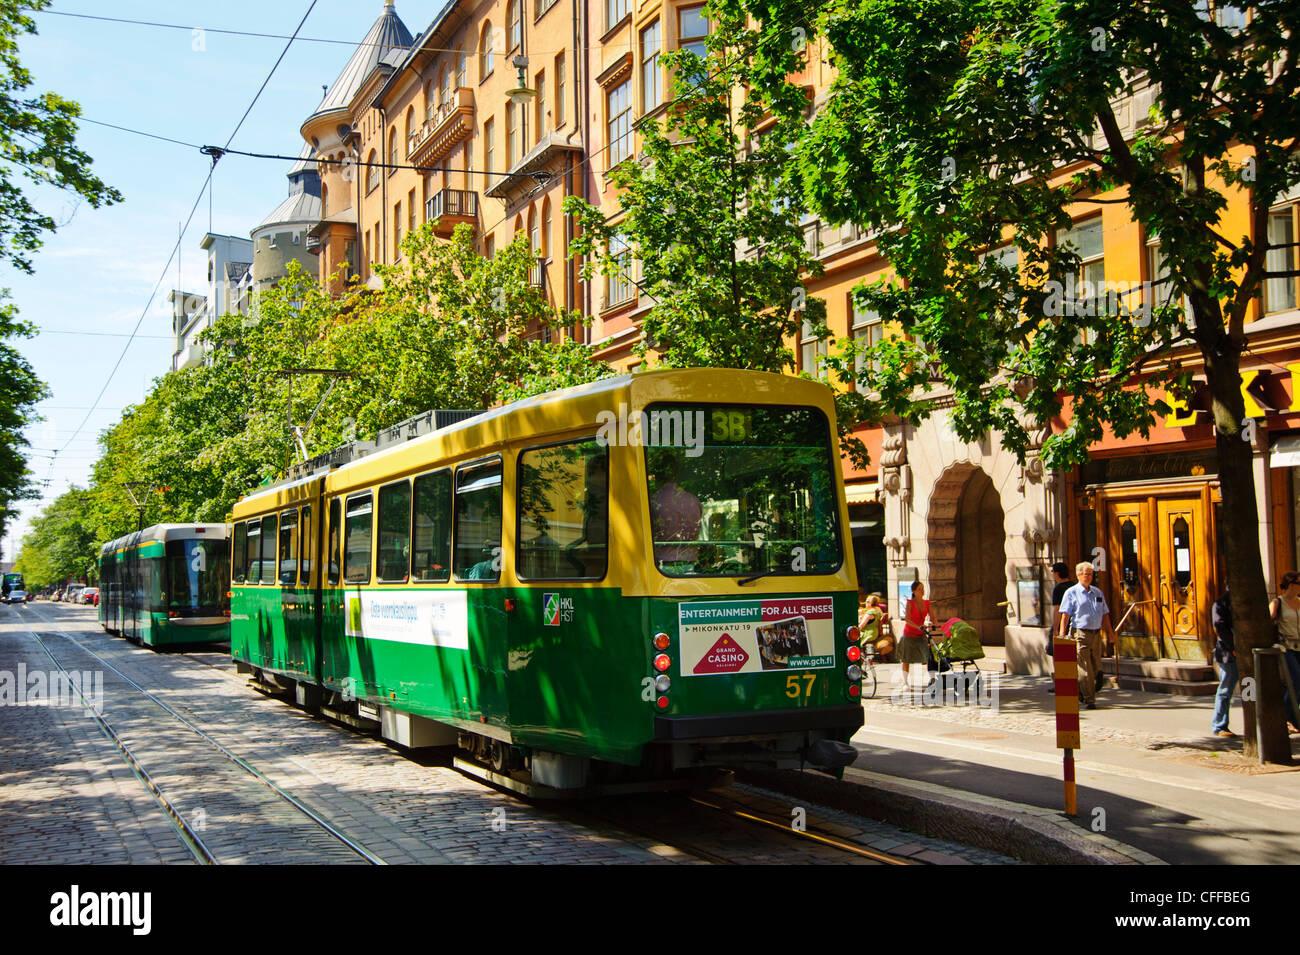 Trams in Helsinki Finland - Stock Image